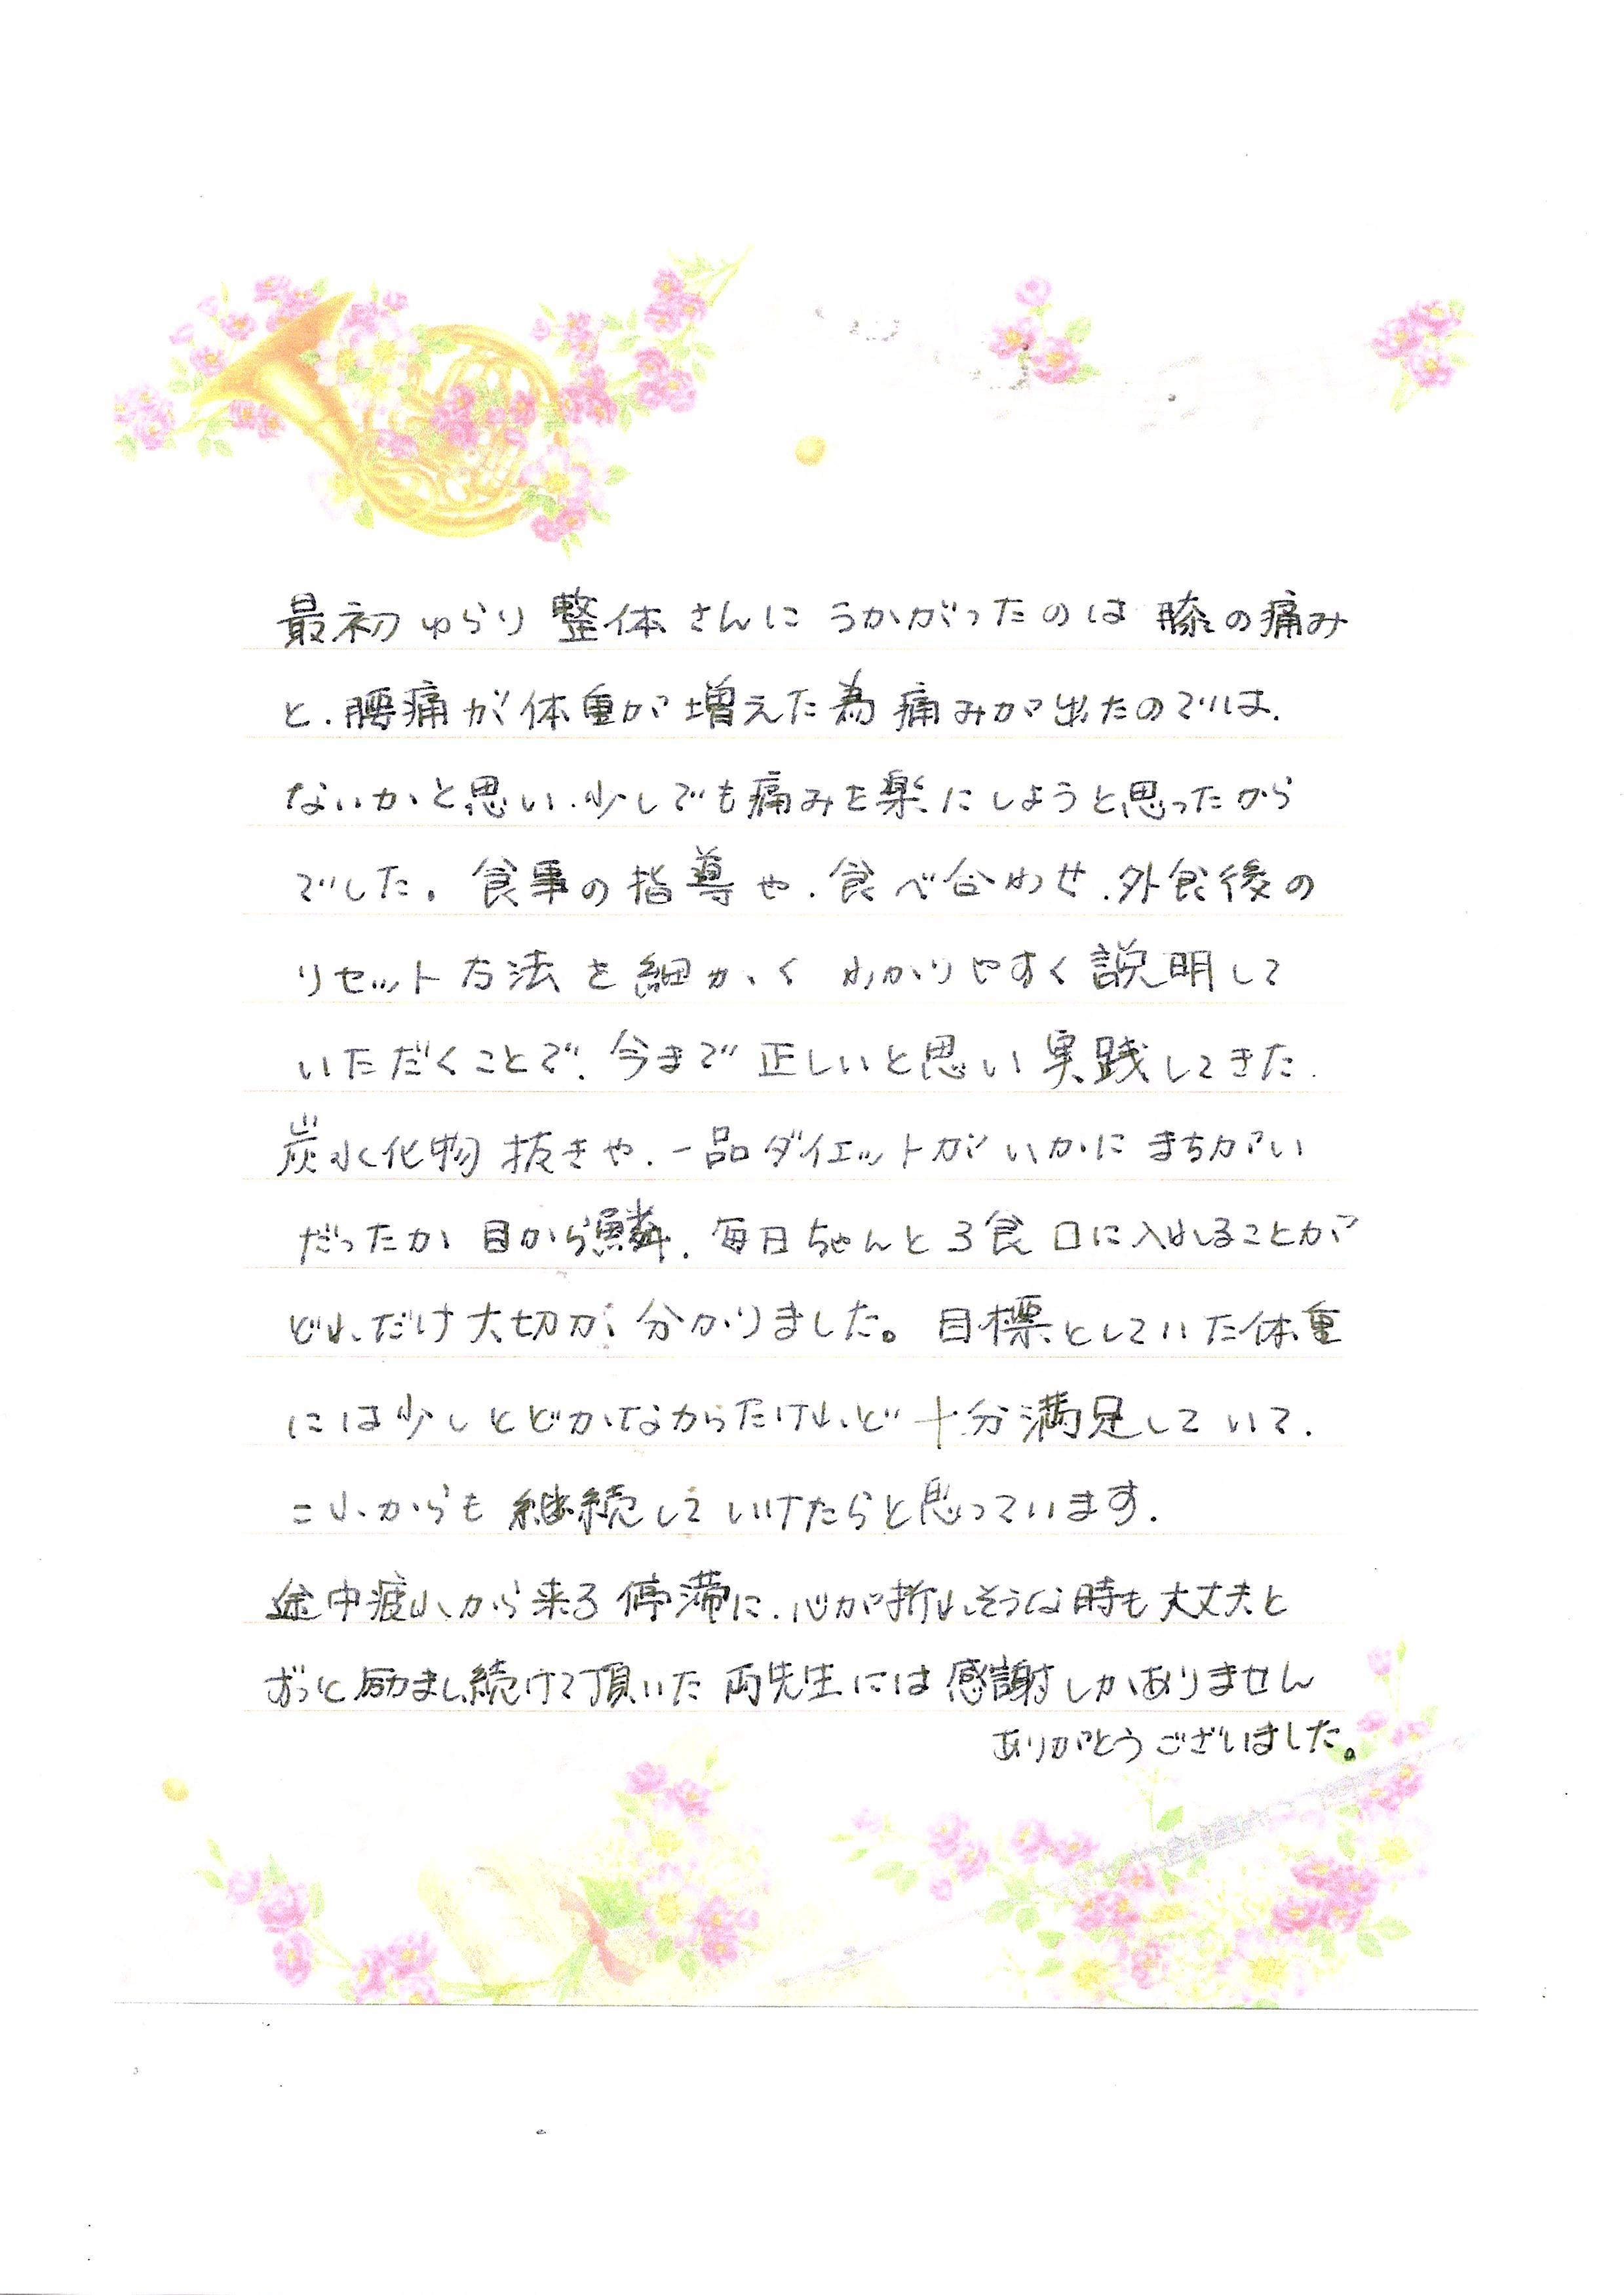 耳つぼダイエット、卒業生からの手紙